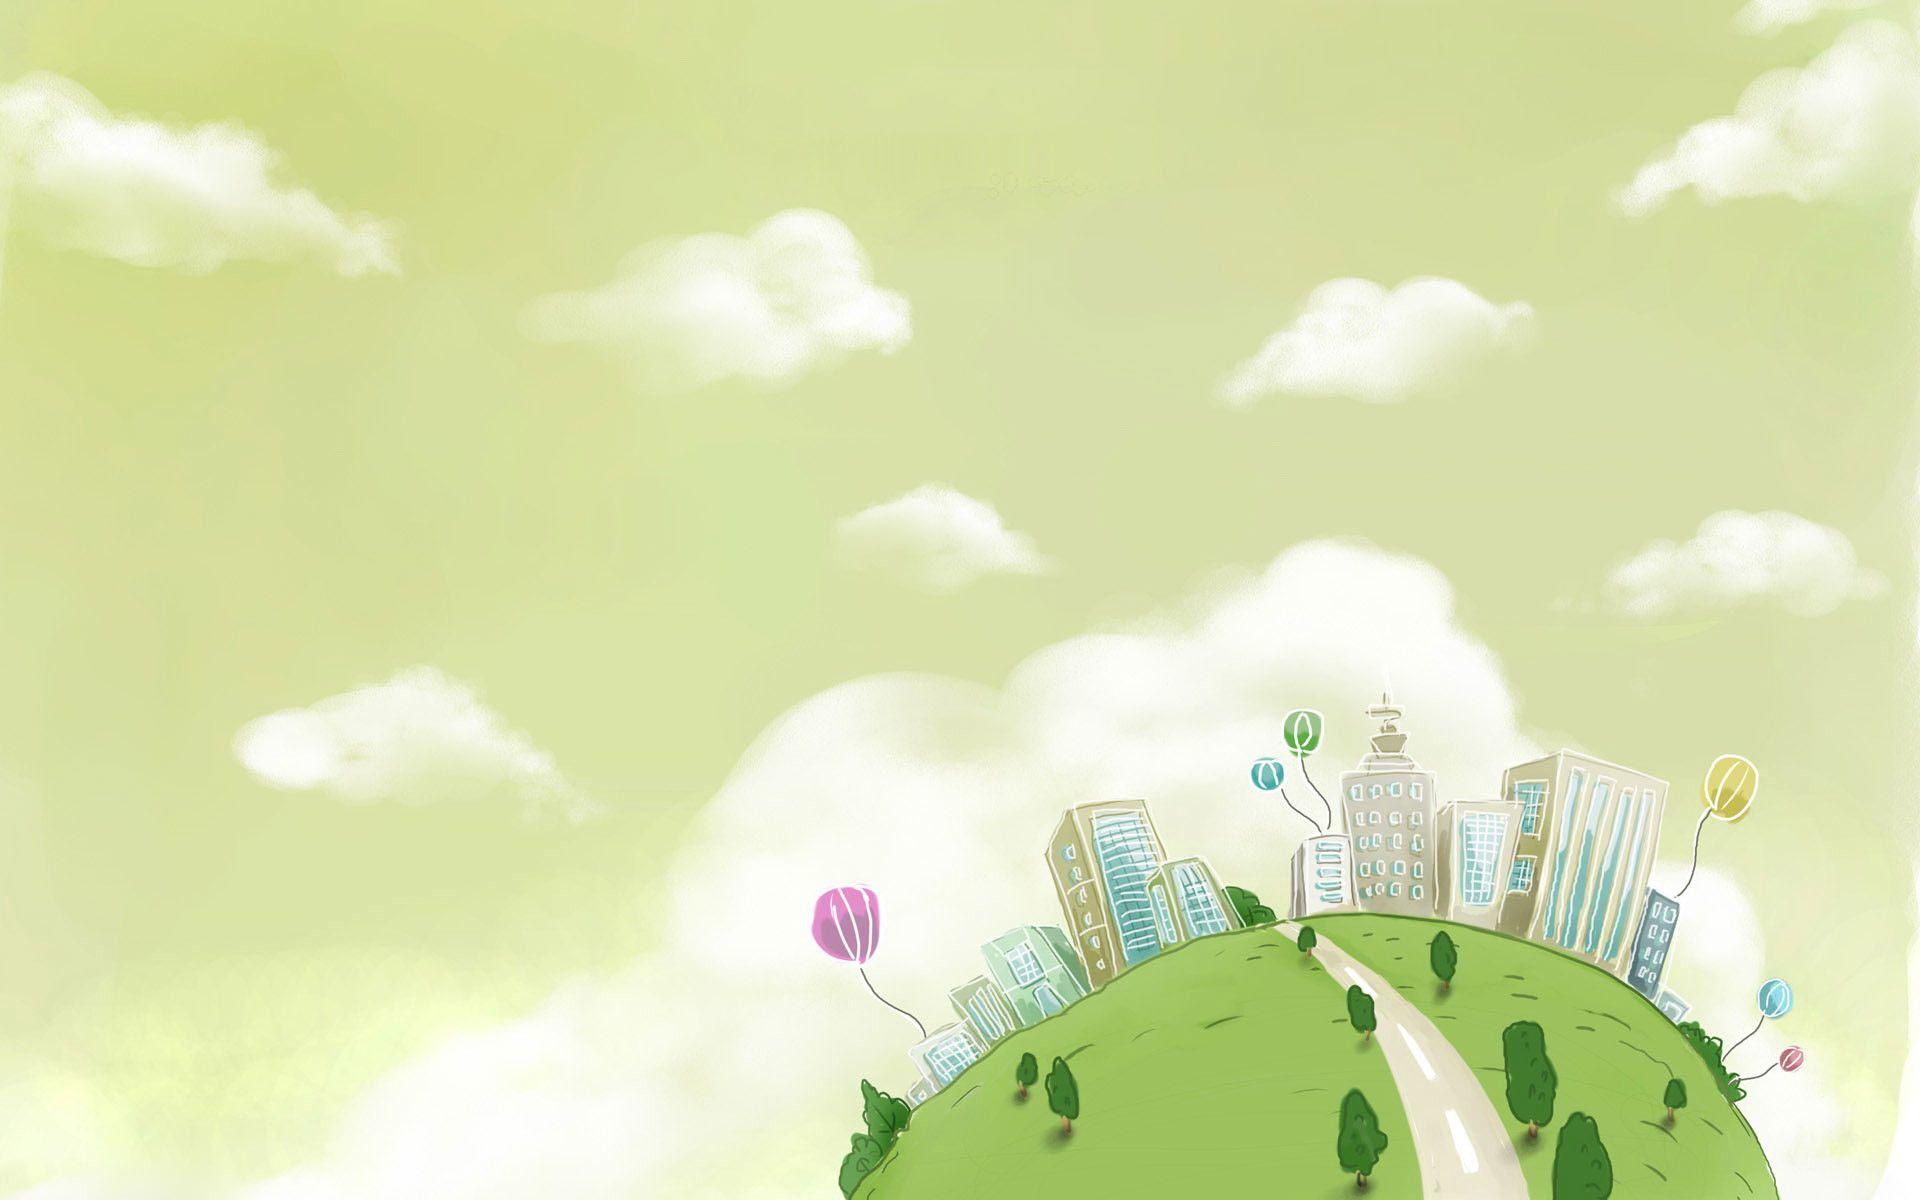 Wonderful Wallpaper Desktop Background Cute - c4a1fafc3f3dcefaa4b57c8c5c7138dd  You Should Have_104766 .jpg